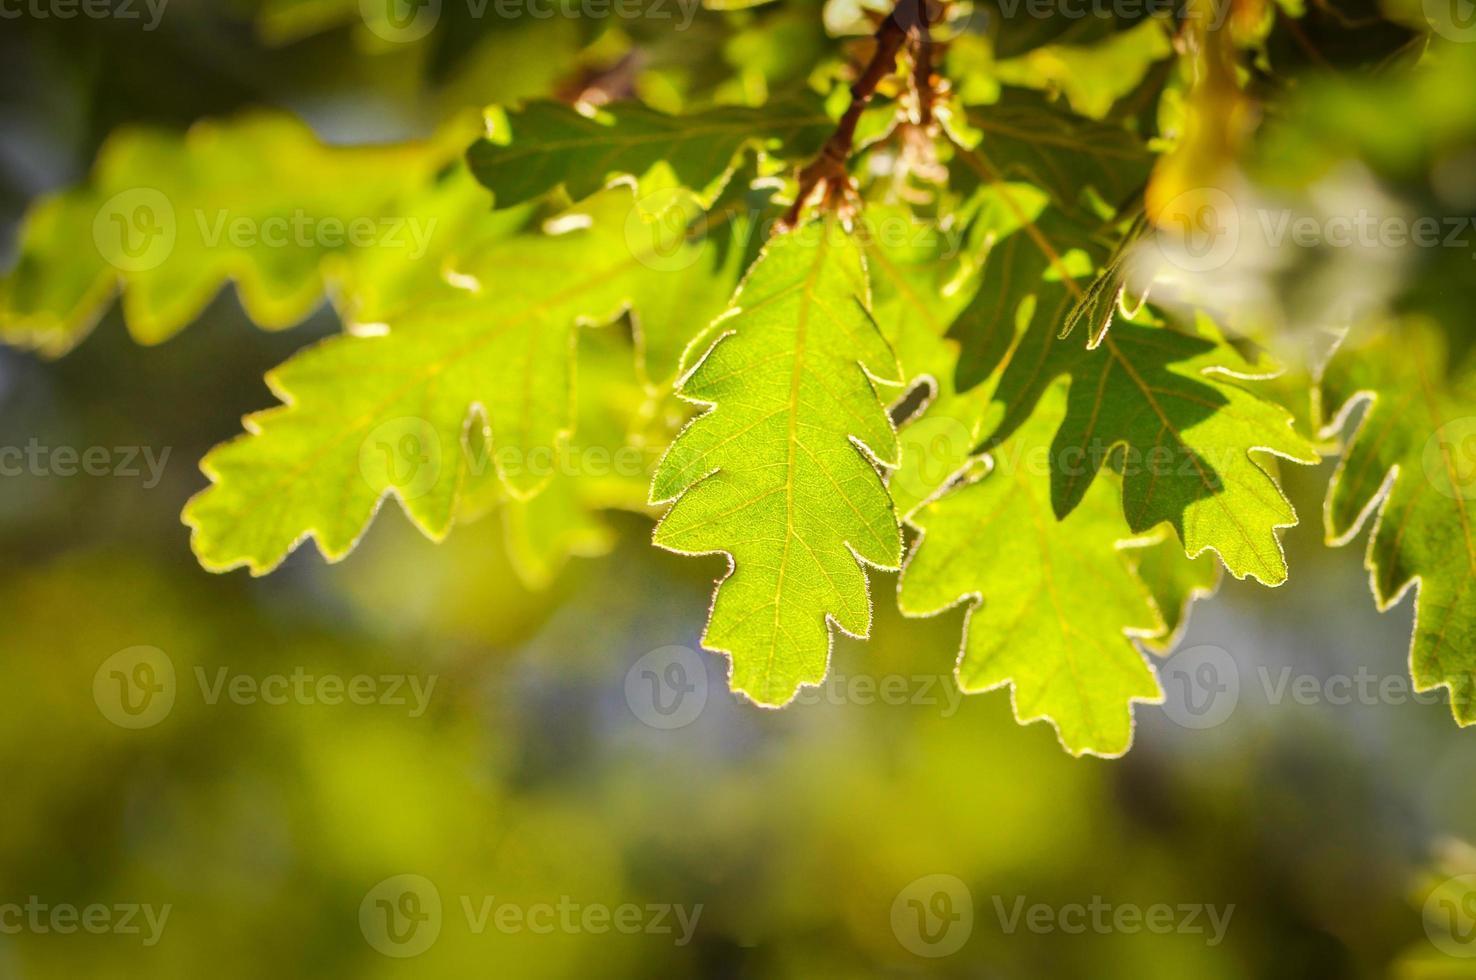 foglie fresche di quercia verde su uno sfondo sfocato foto